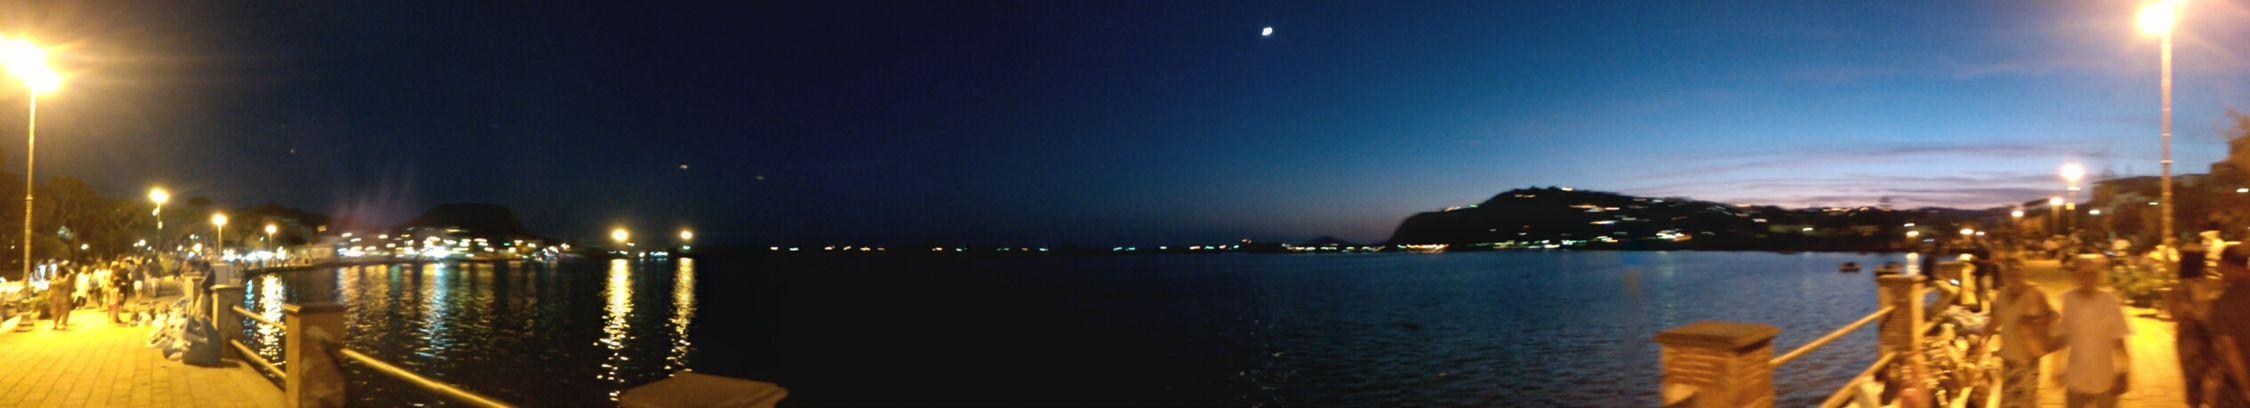 In night...